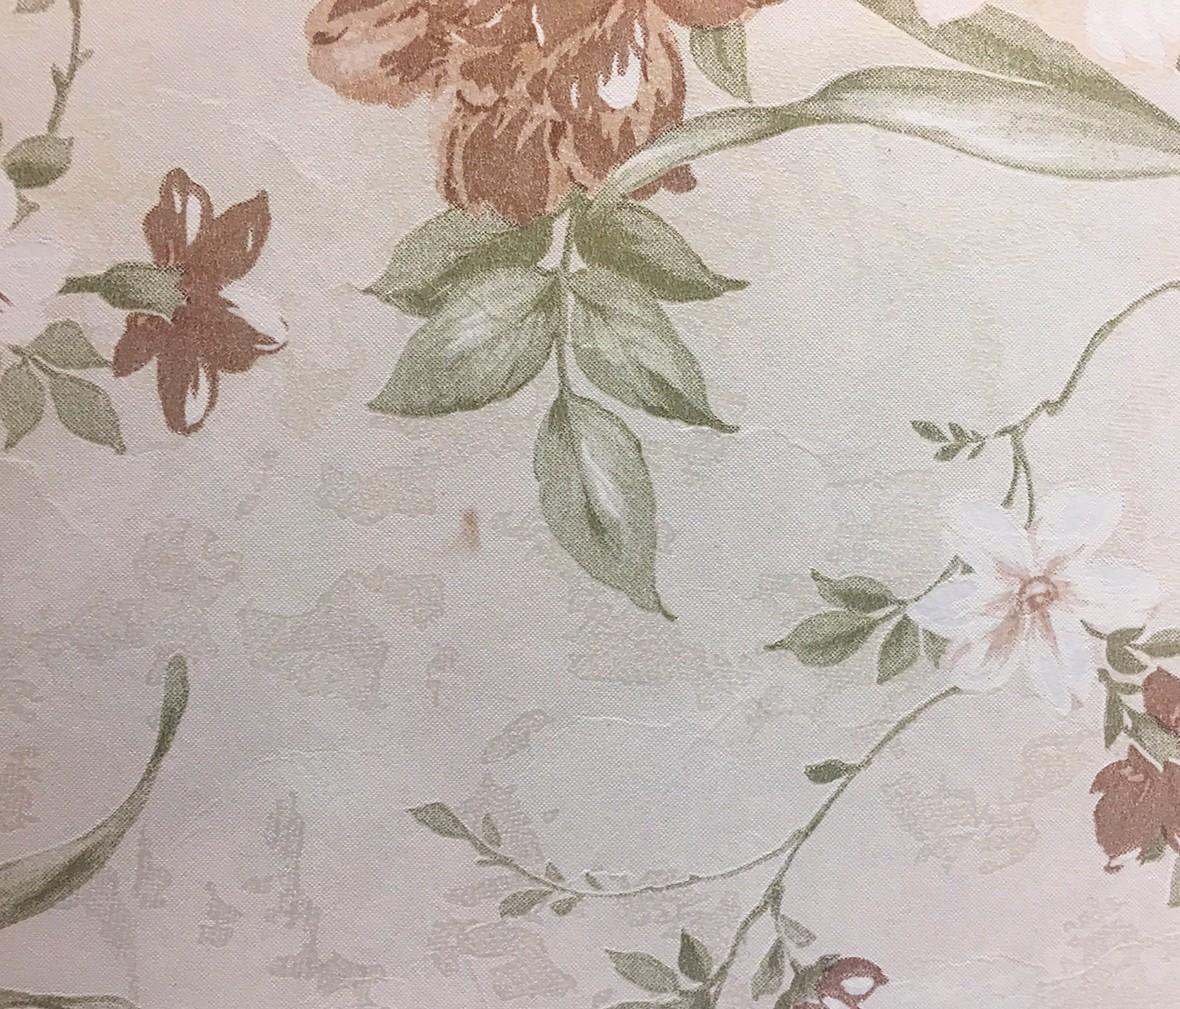 索弗仑壁纸 伯鲁伊特系列无纺布壁纸 绿色环保墙纸 图片,价格,品牌